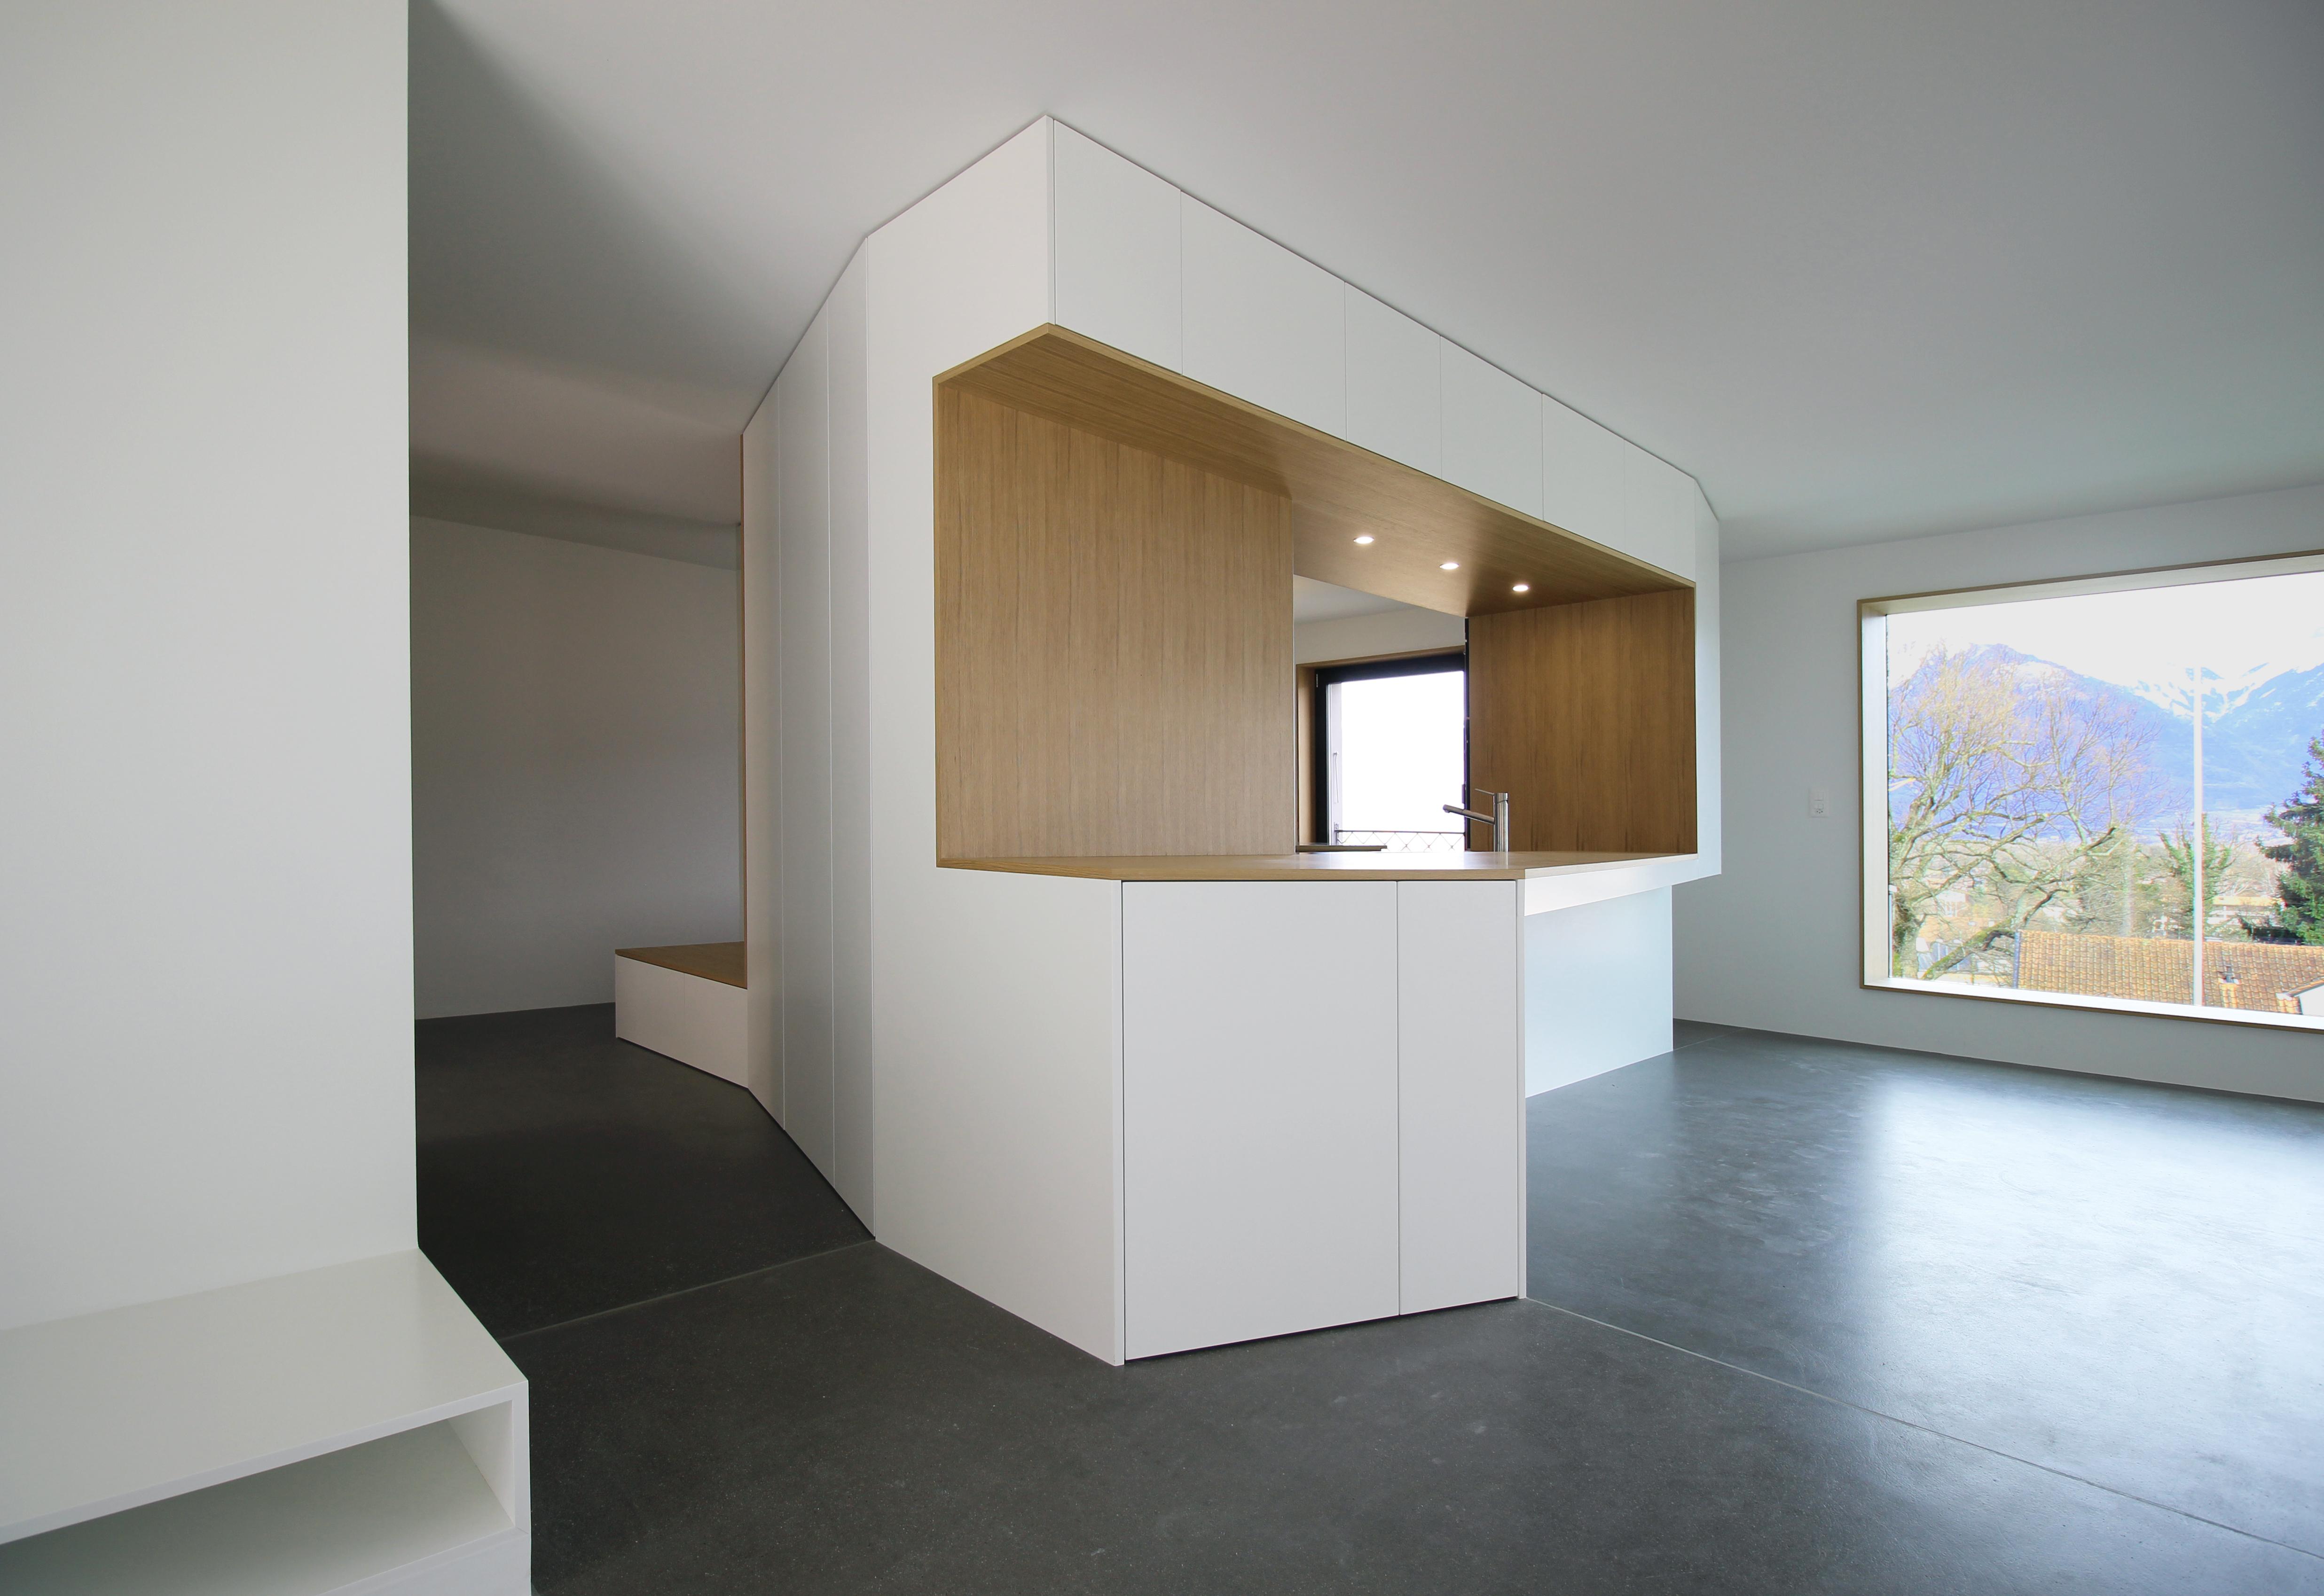 renovation maison-bouveret-composite architectes-lausanne-sierre